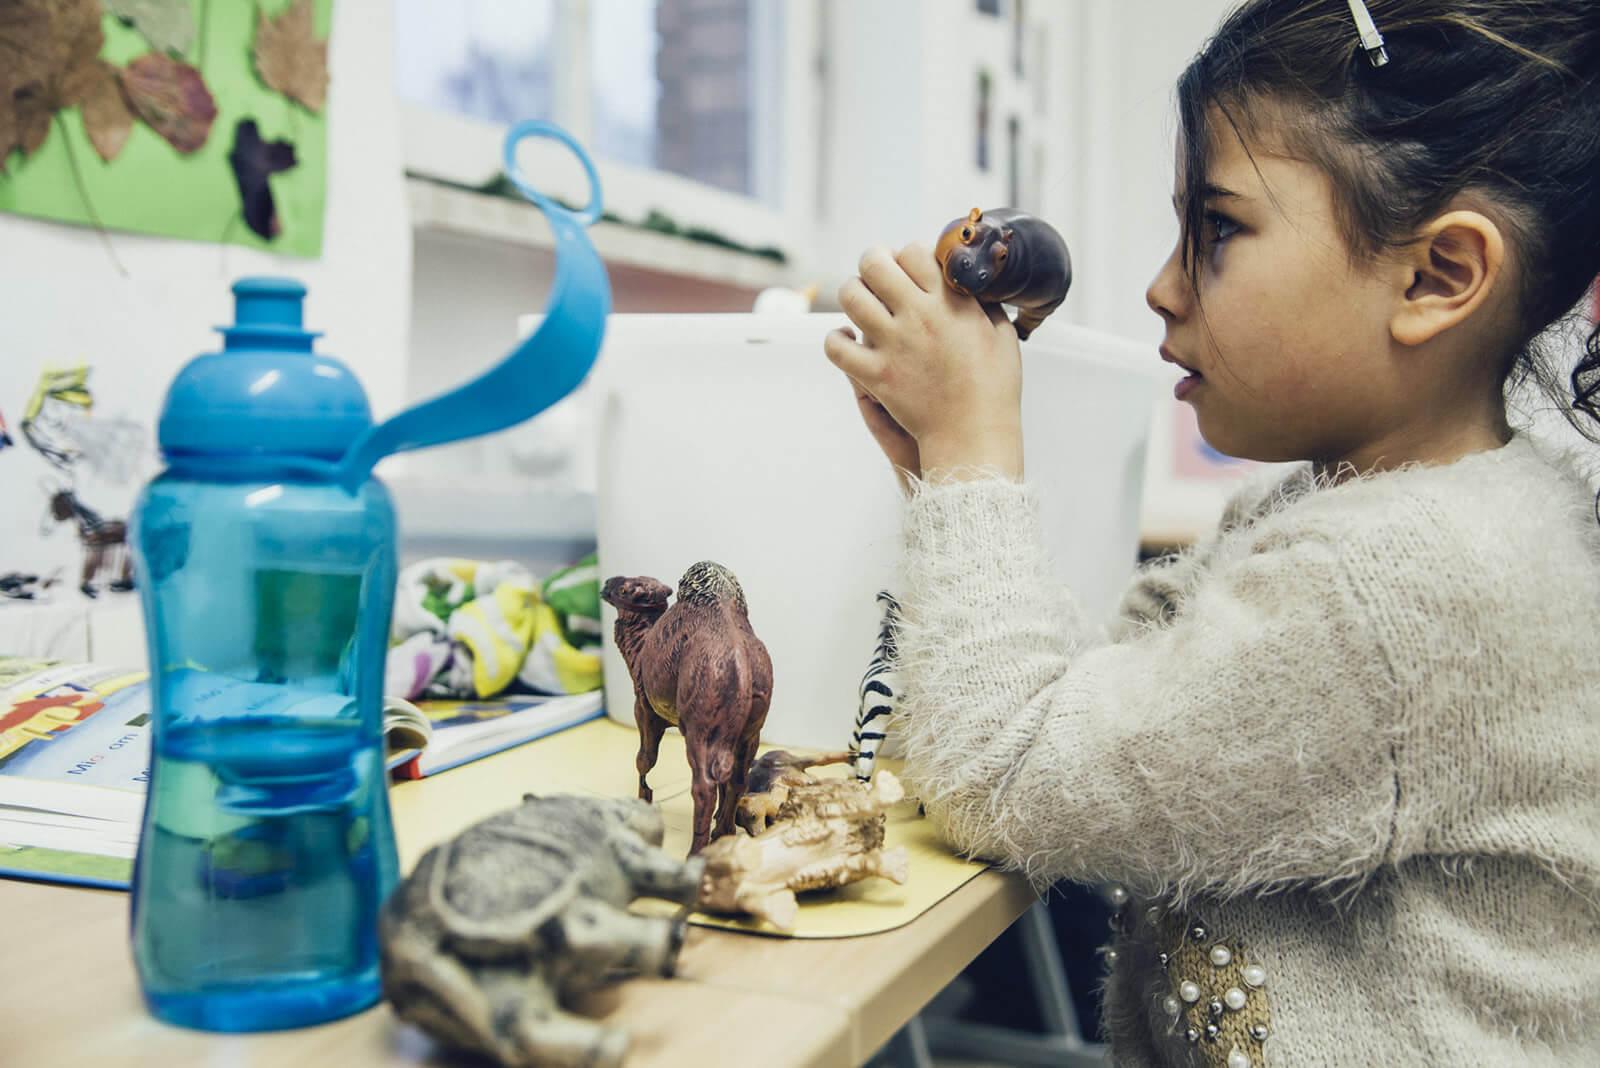 Mädchen beim Spielen mit Tieren aus Plastik